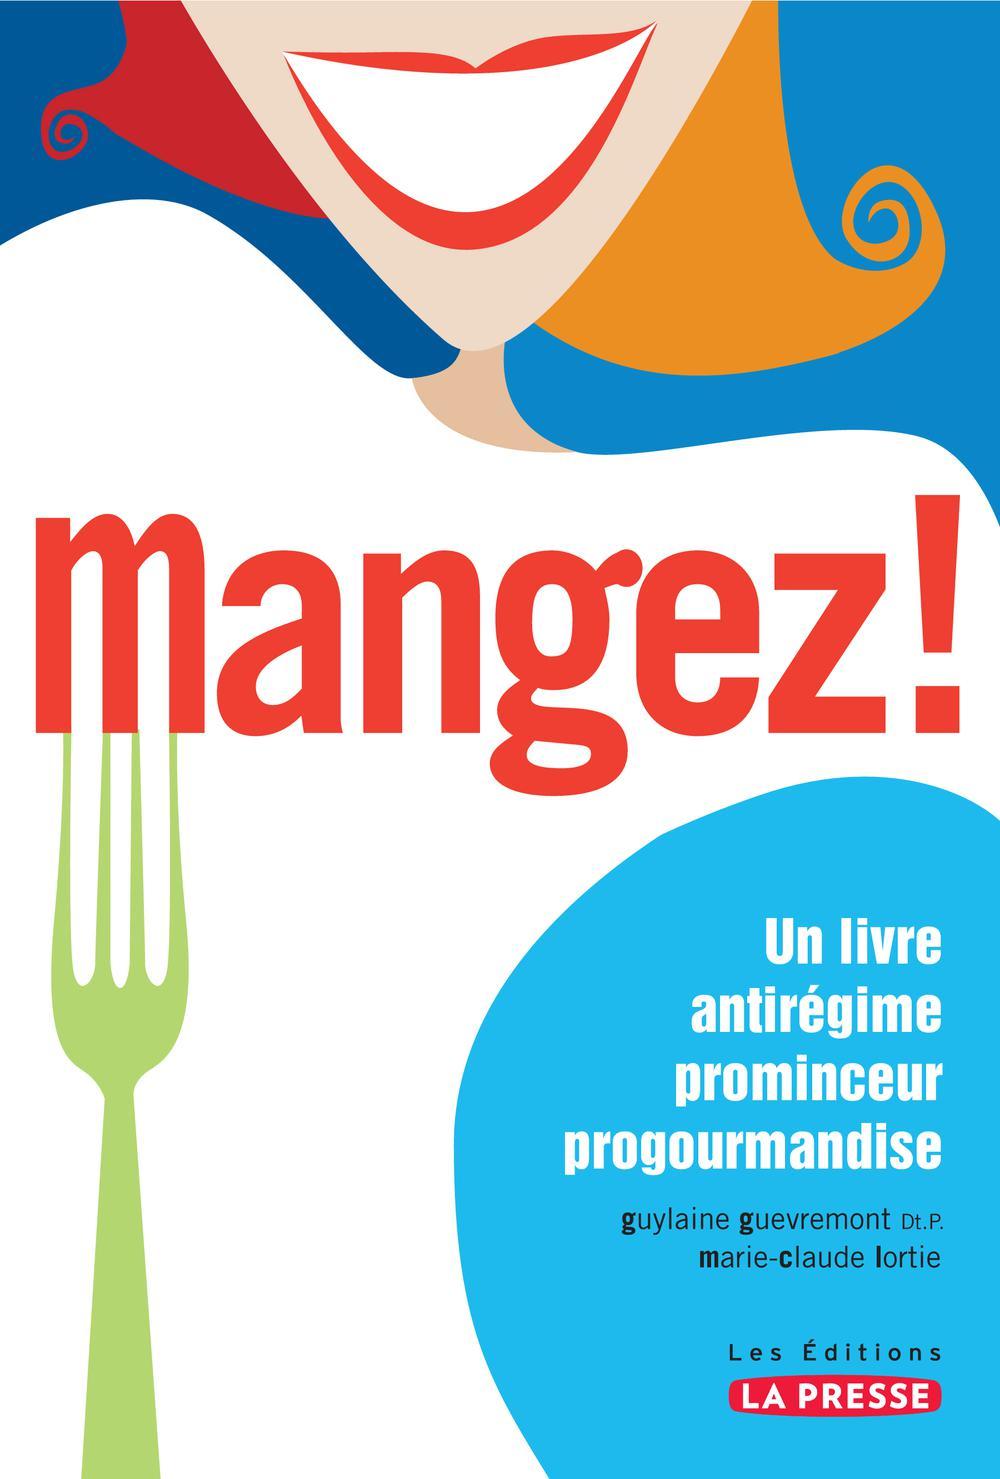 MANGEZ!